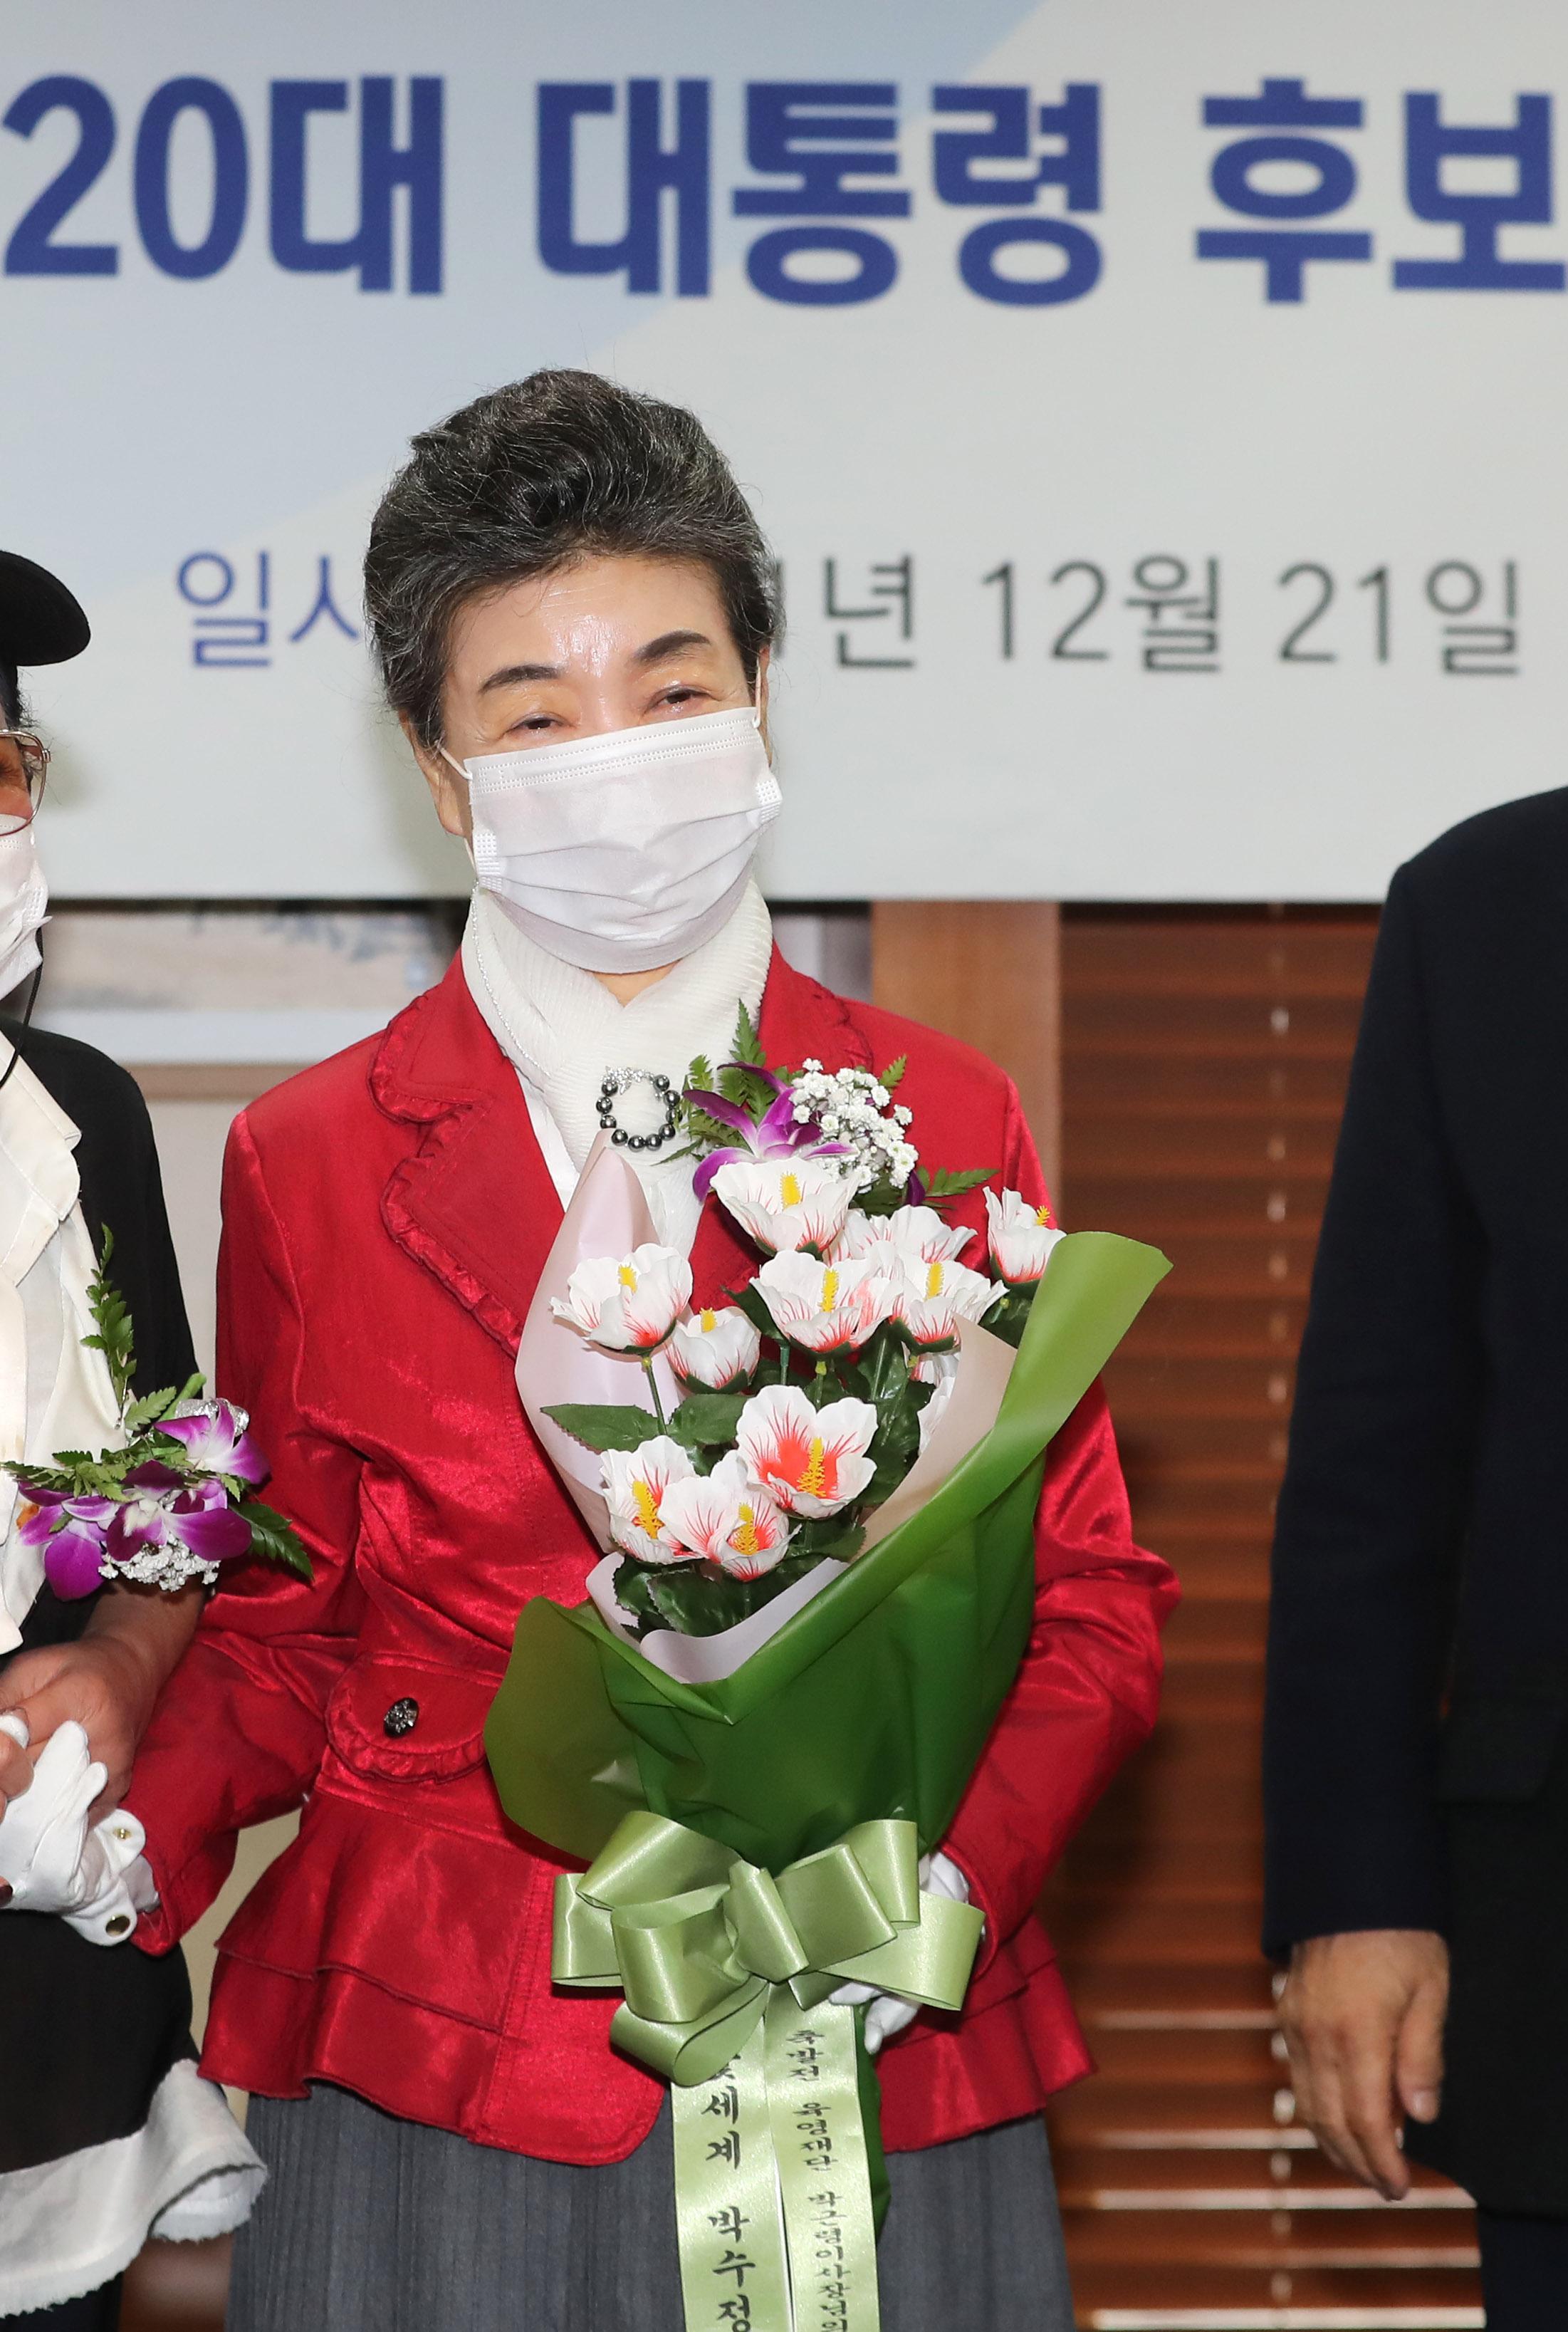 华为手机哪一款好用啊 华为nova5 pro怎么样